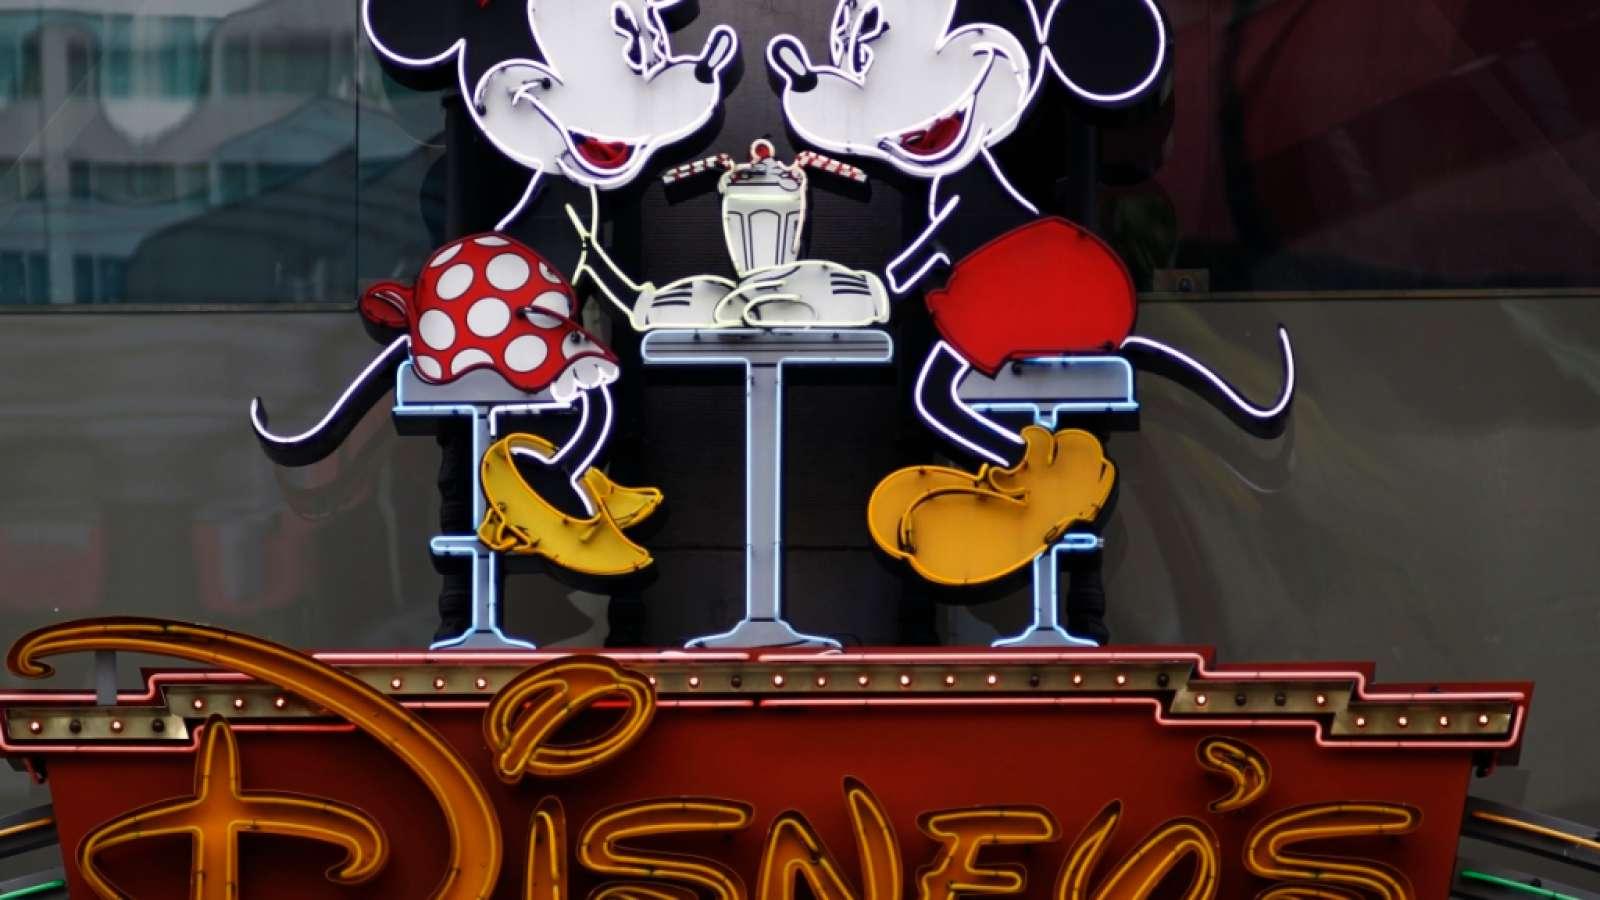 Bei zahlreichen Firmen, wie etwa bei Walt Disney, versuchen Hacker, Geld zu erpressen. (Archivbild)